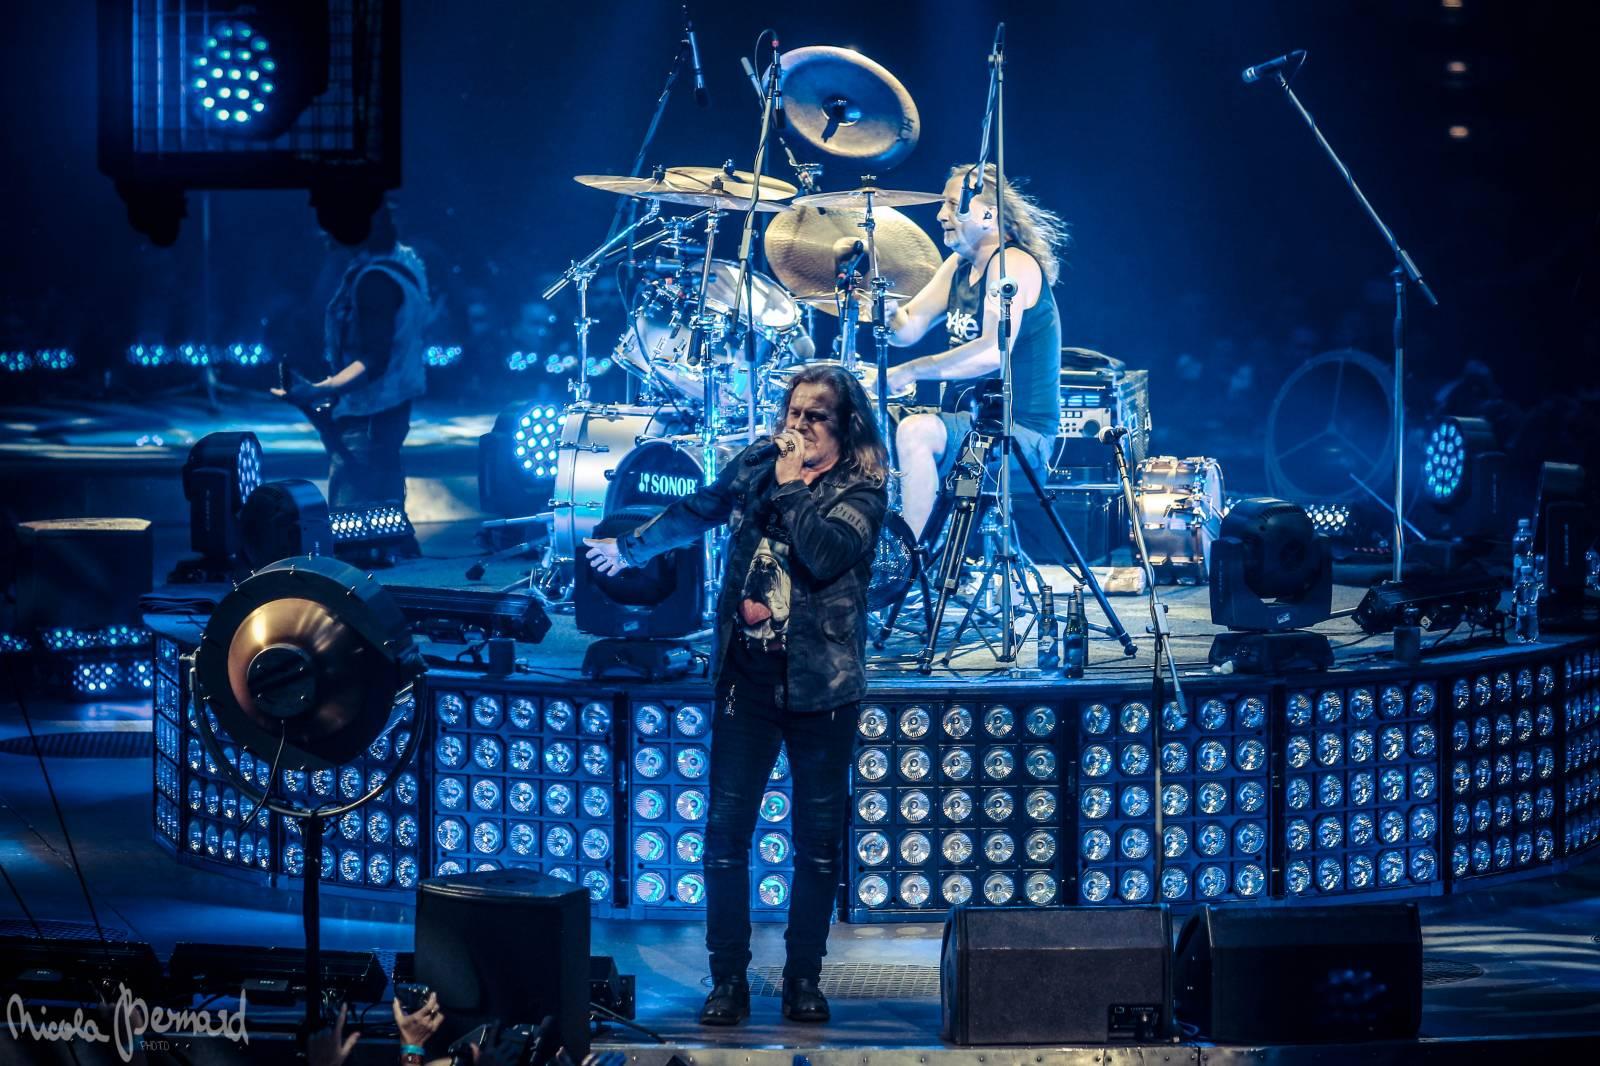 LIVE  Kabát uzavřel turné skvělou show v O2 areně s rekordním počtem diváků d780174cb67